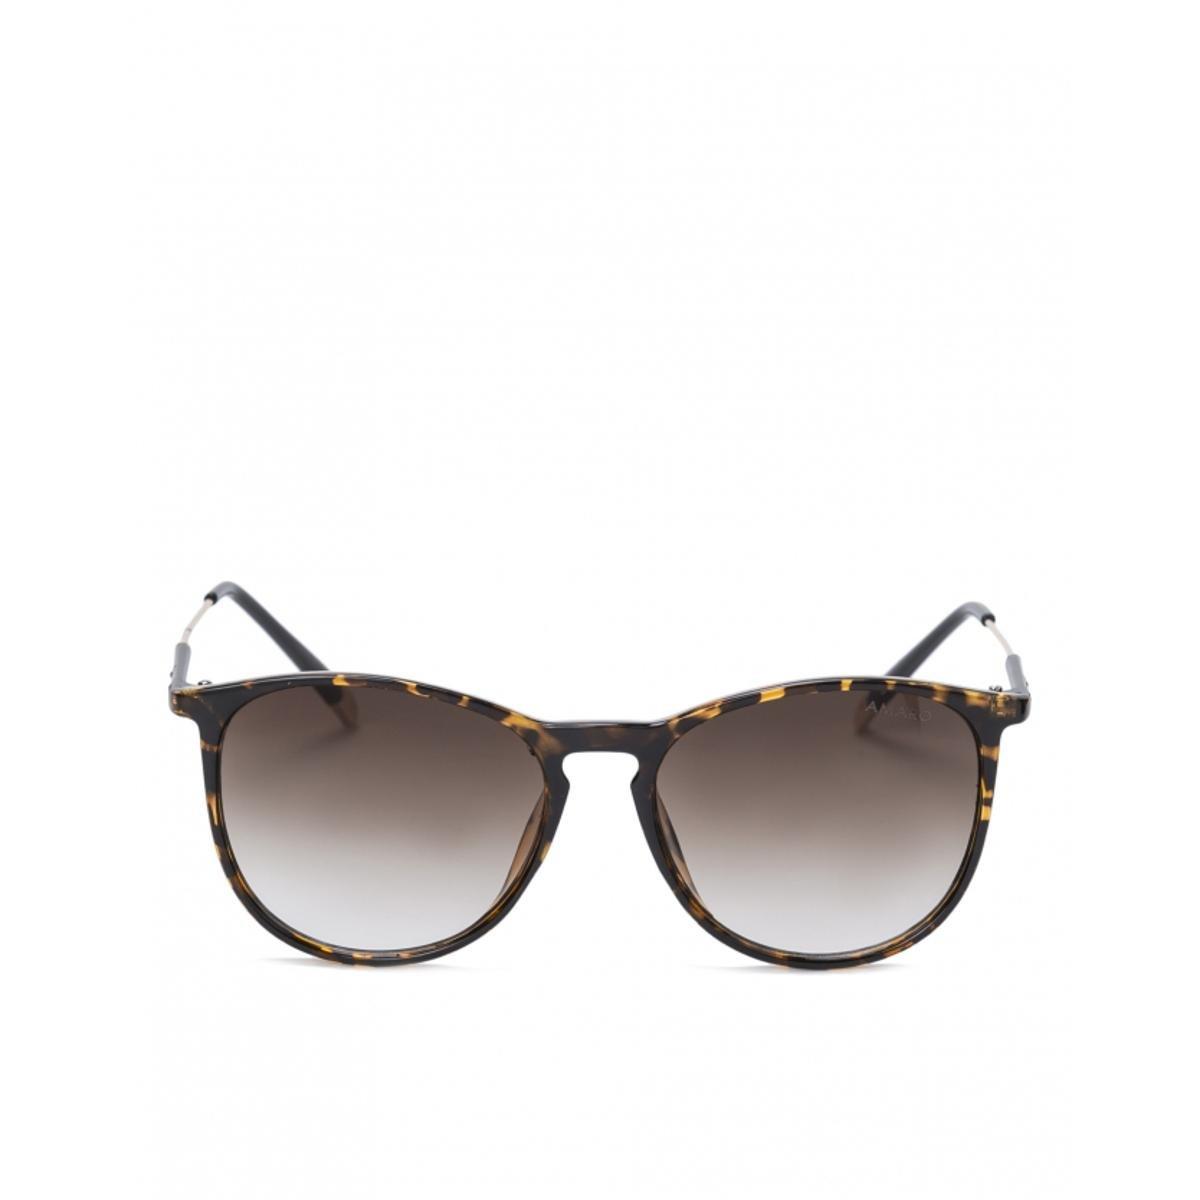 49f55b4cfcdb1 Óculos Amaro De Sol D Frame Classic Feminino - Marrom - Compre Agora ...